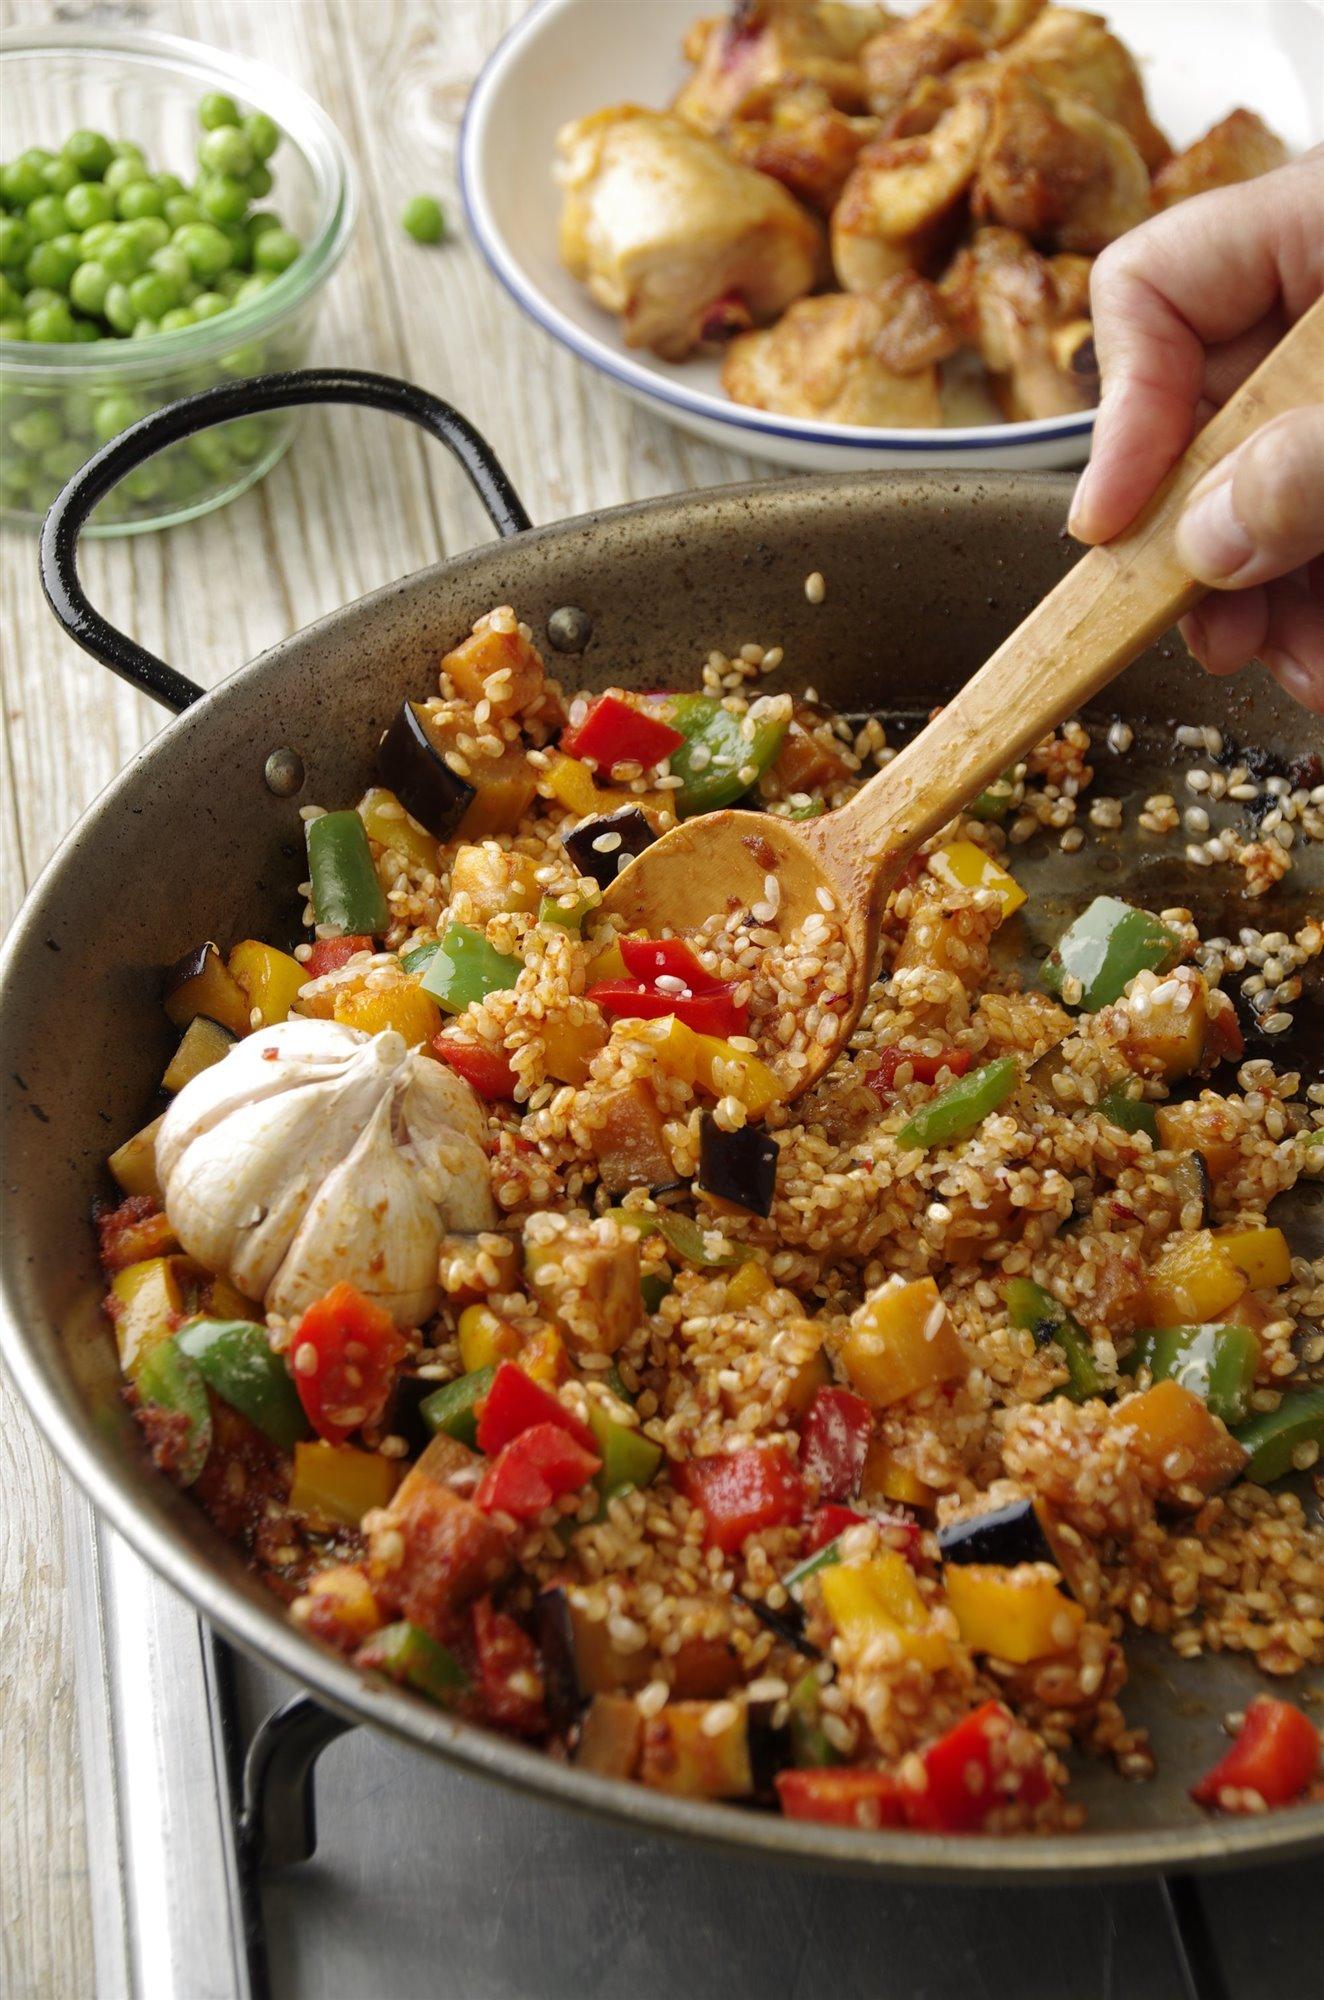 6. Cuece los ingredientes